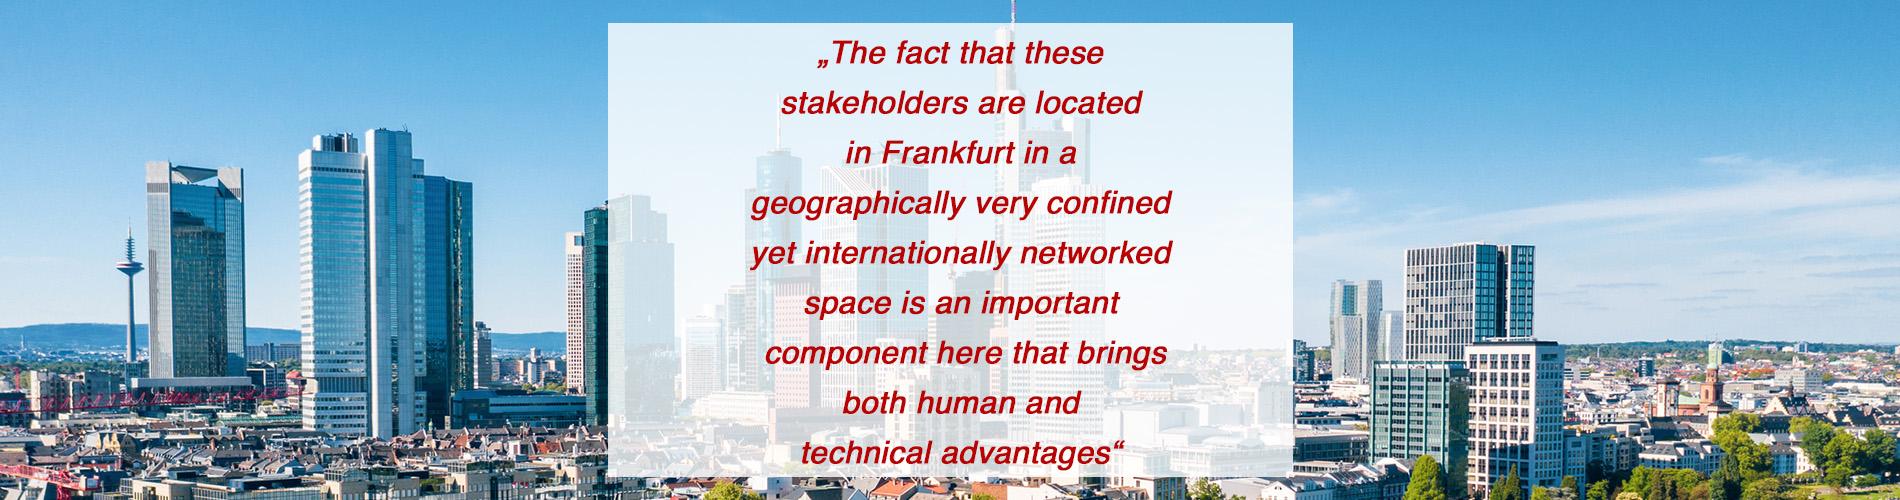 stakeholders in frankfurt